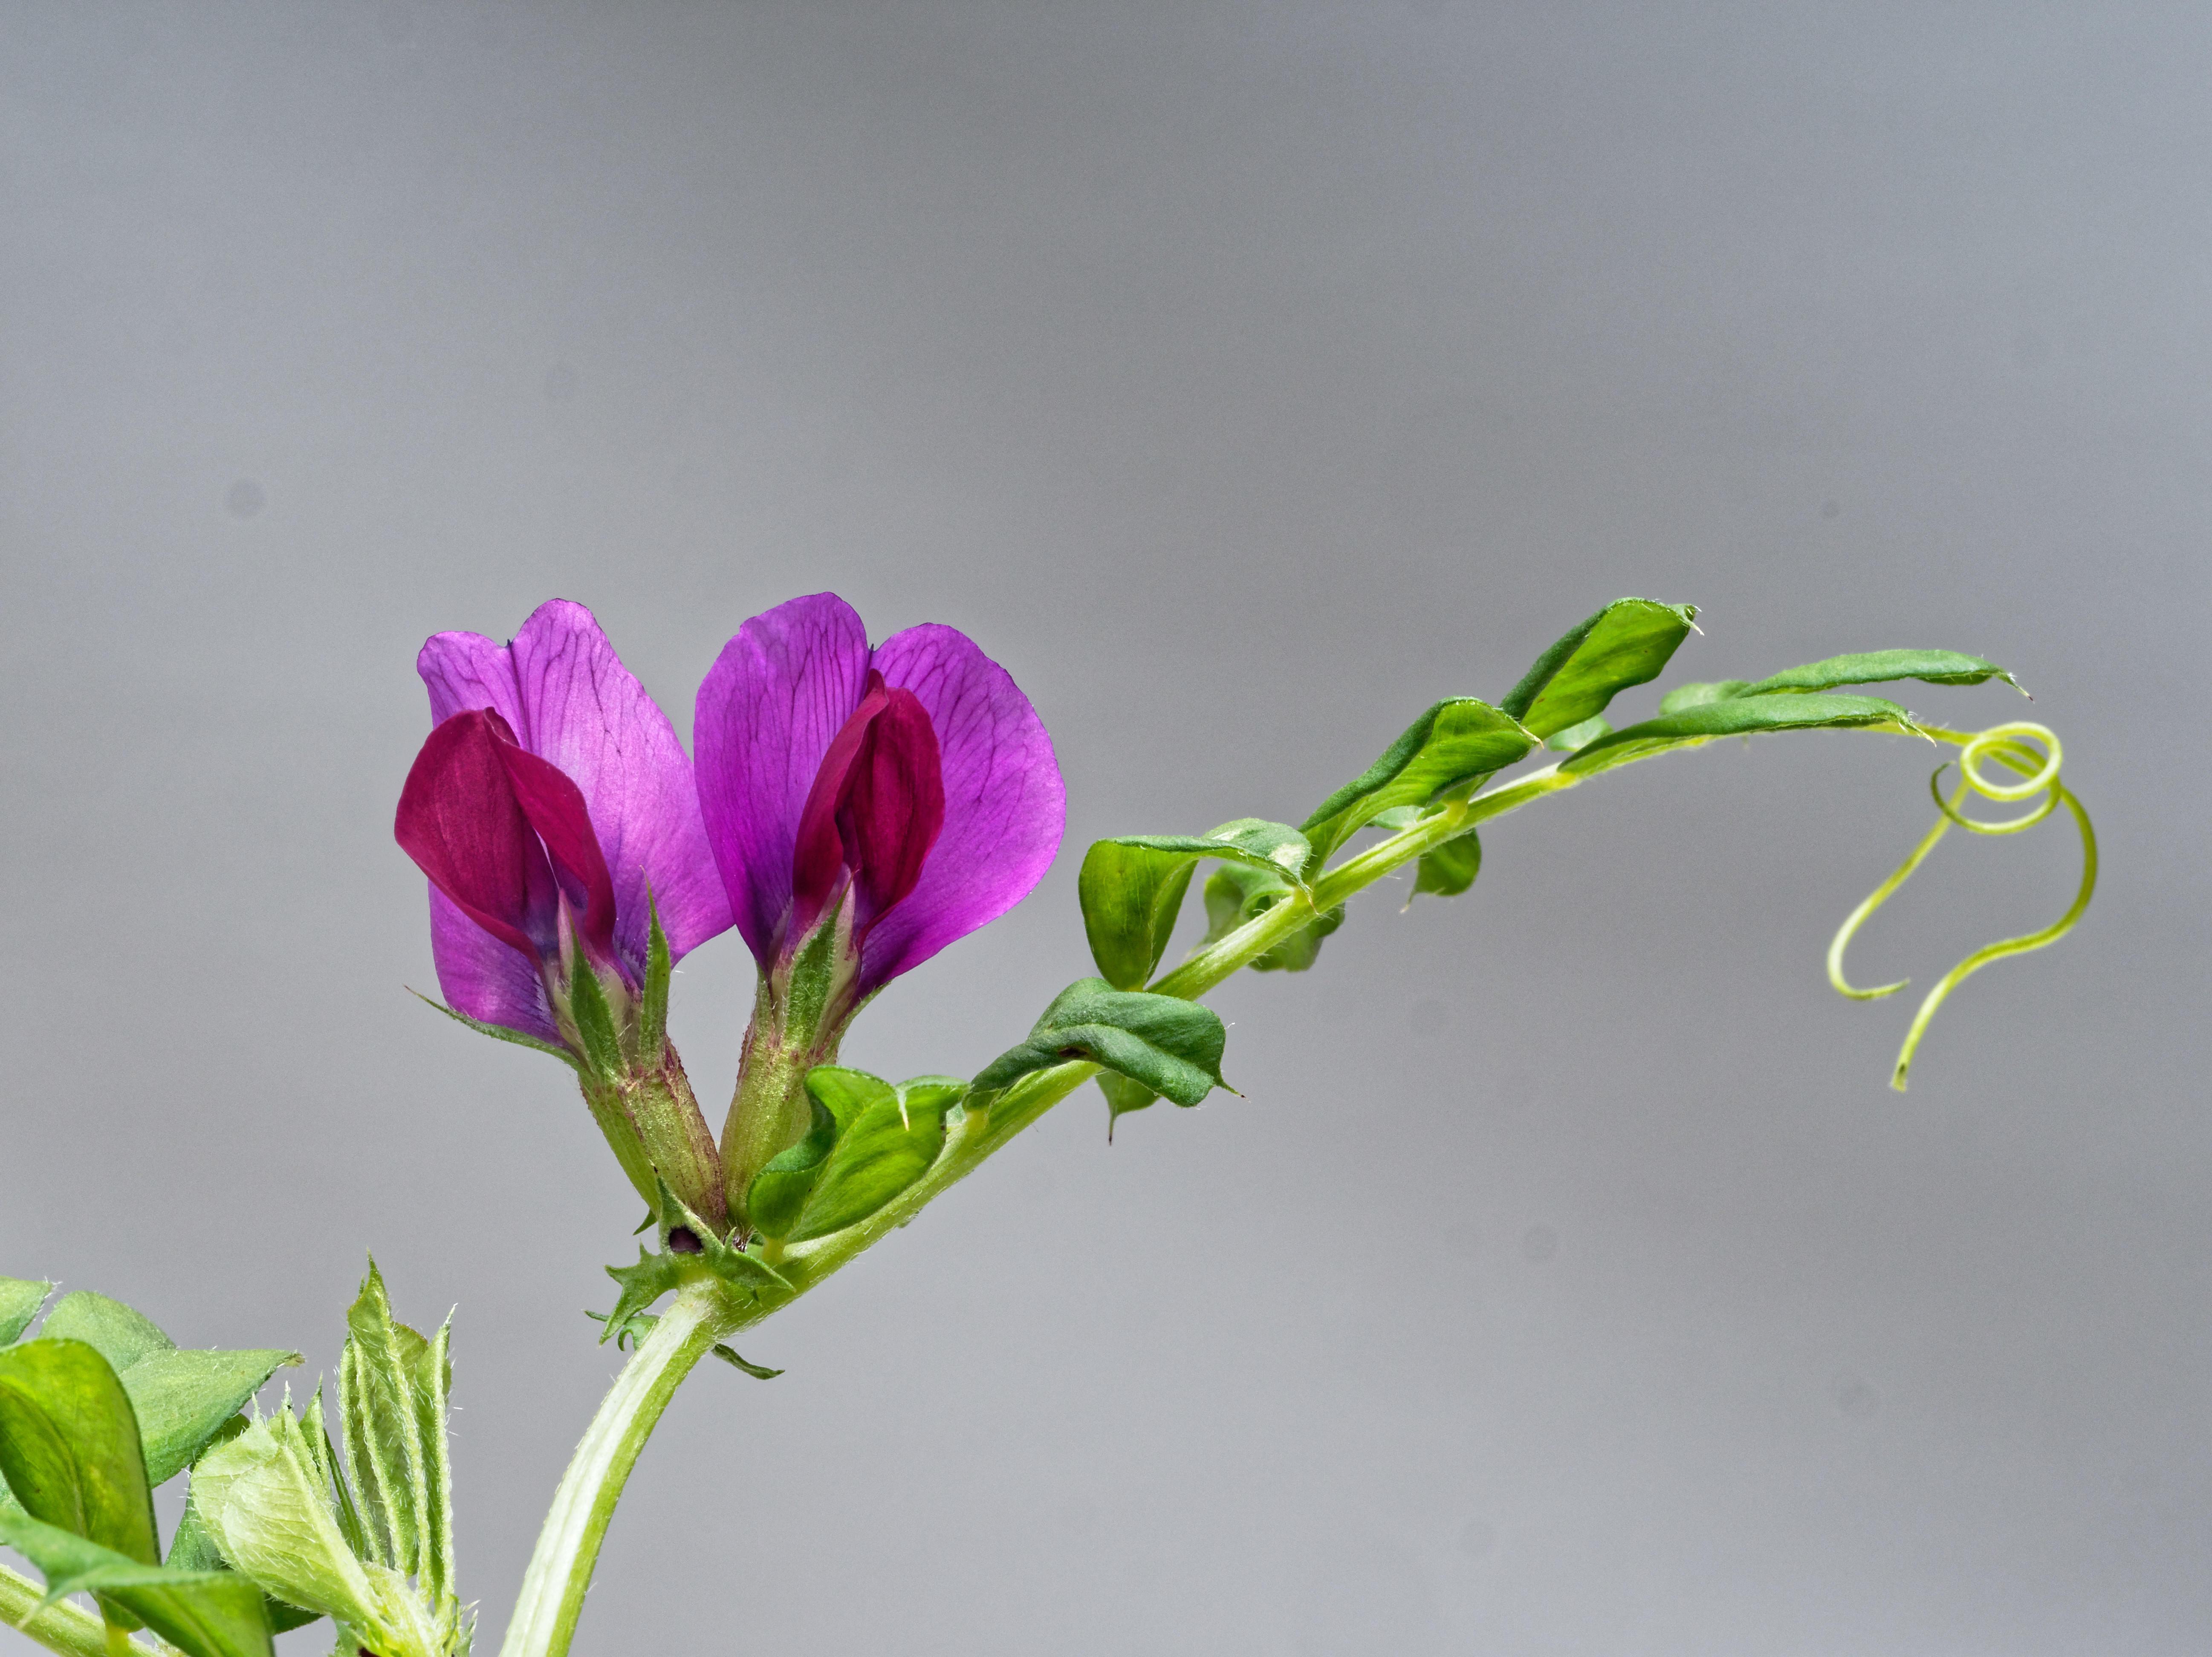 Mystery-plant-4.jpeg